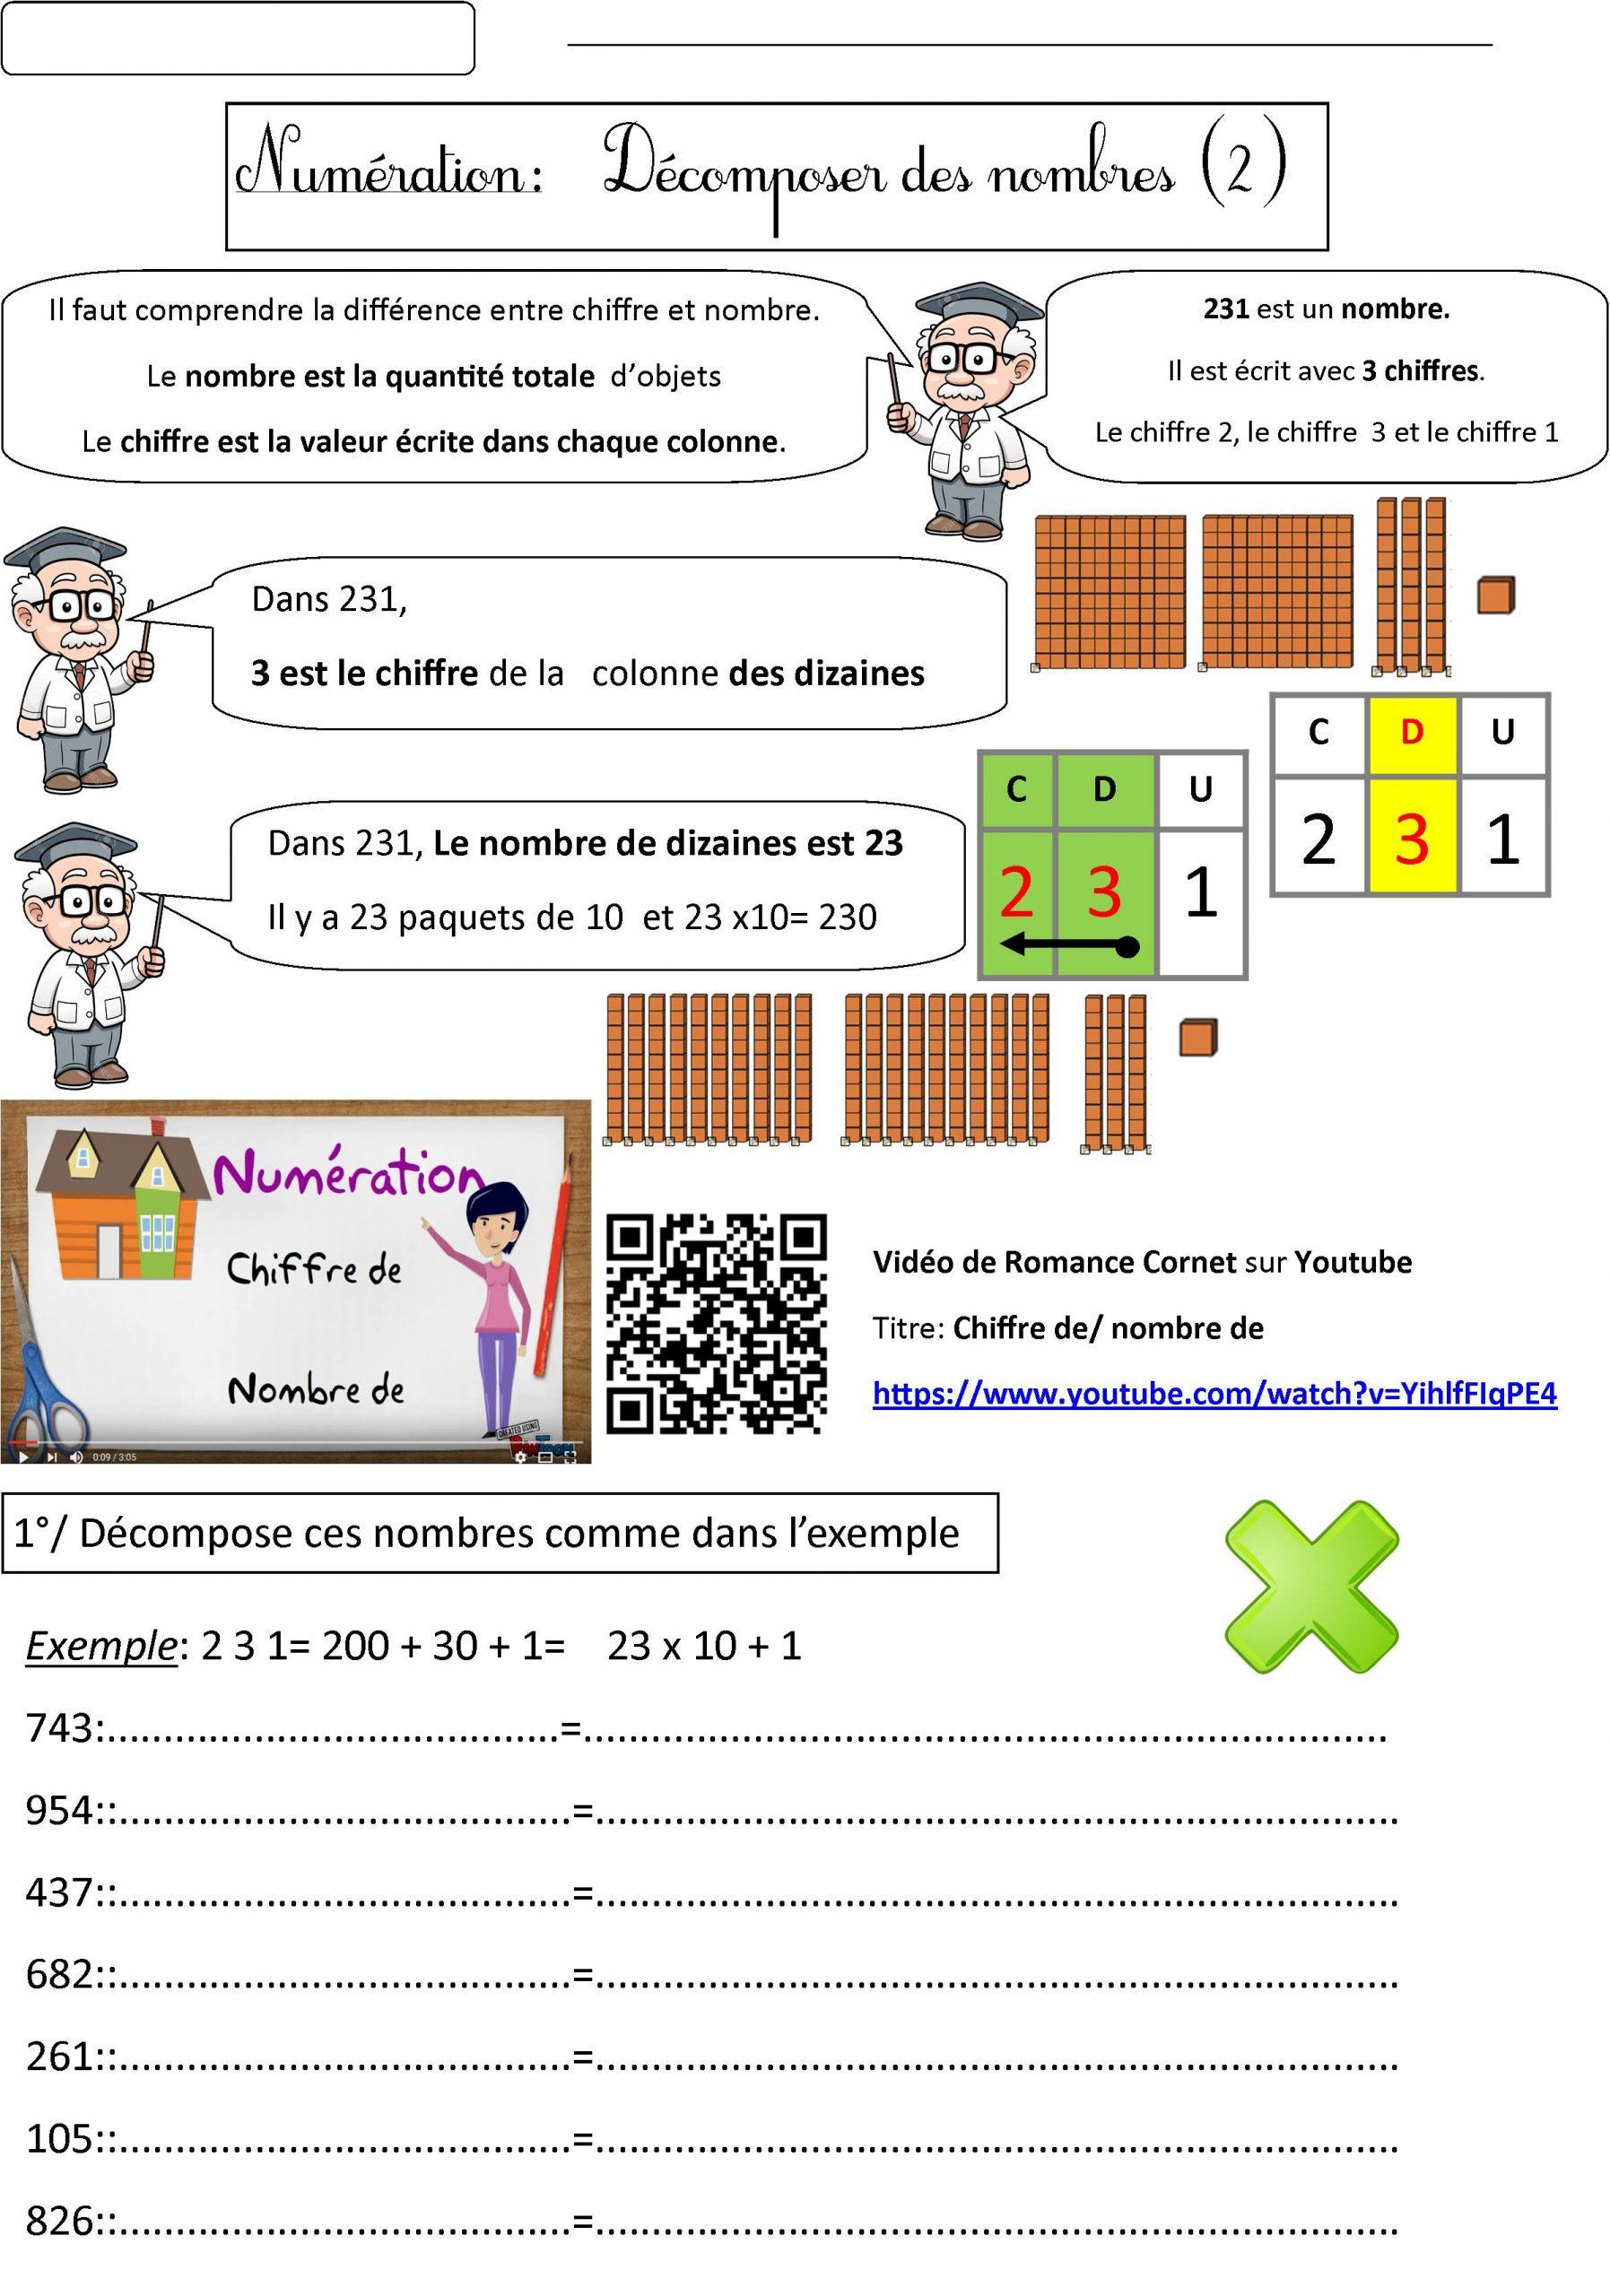 Mathématiques Ce2 | Le Blog De Monsieur Mathieu à Exercices Maths Ce2 À Imprimer